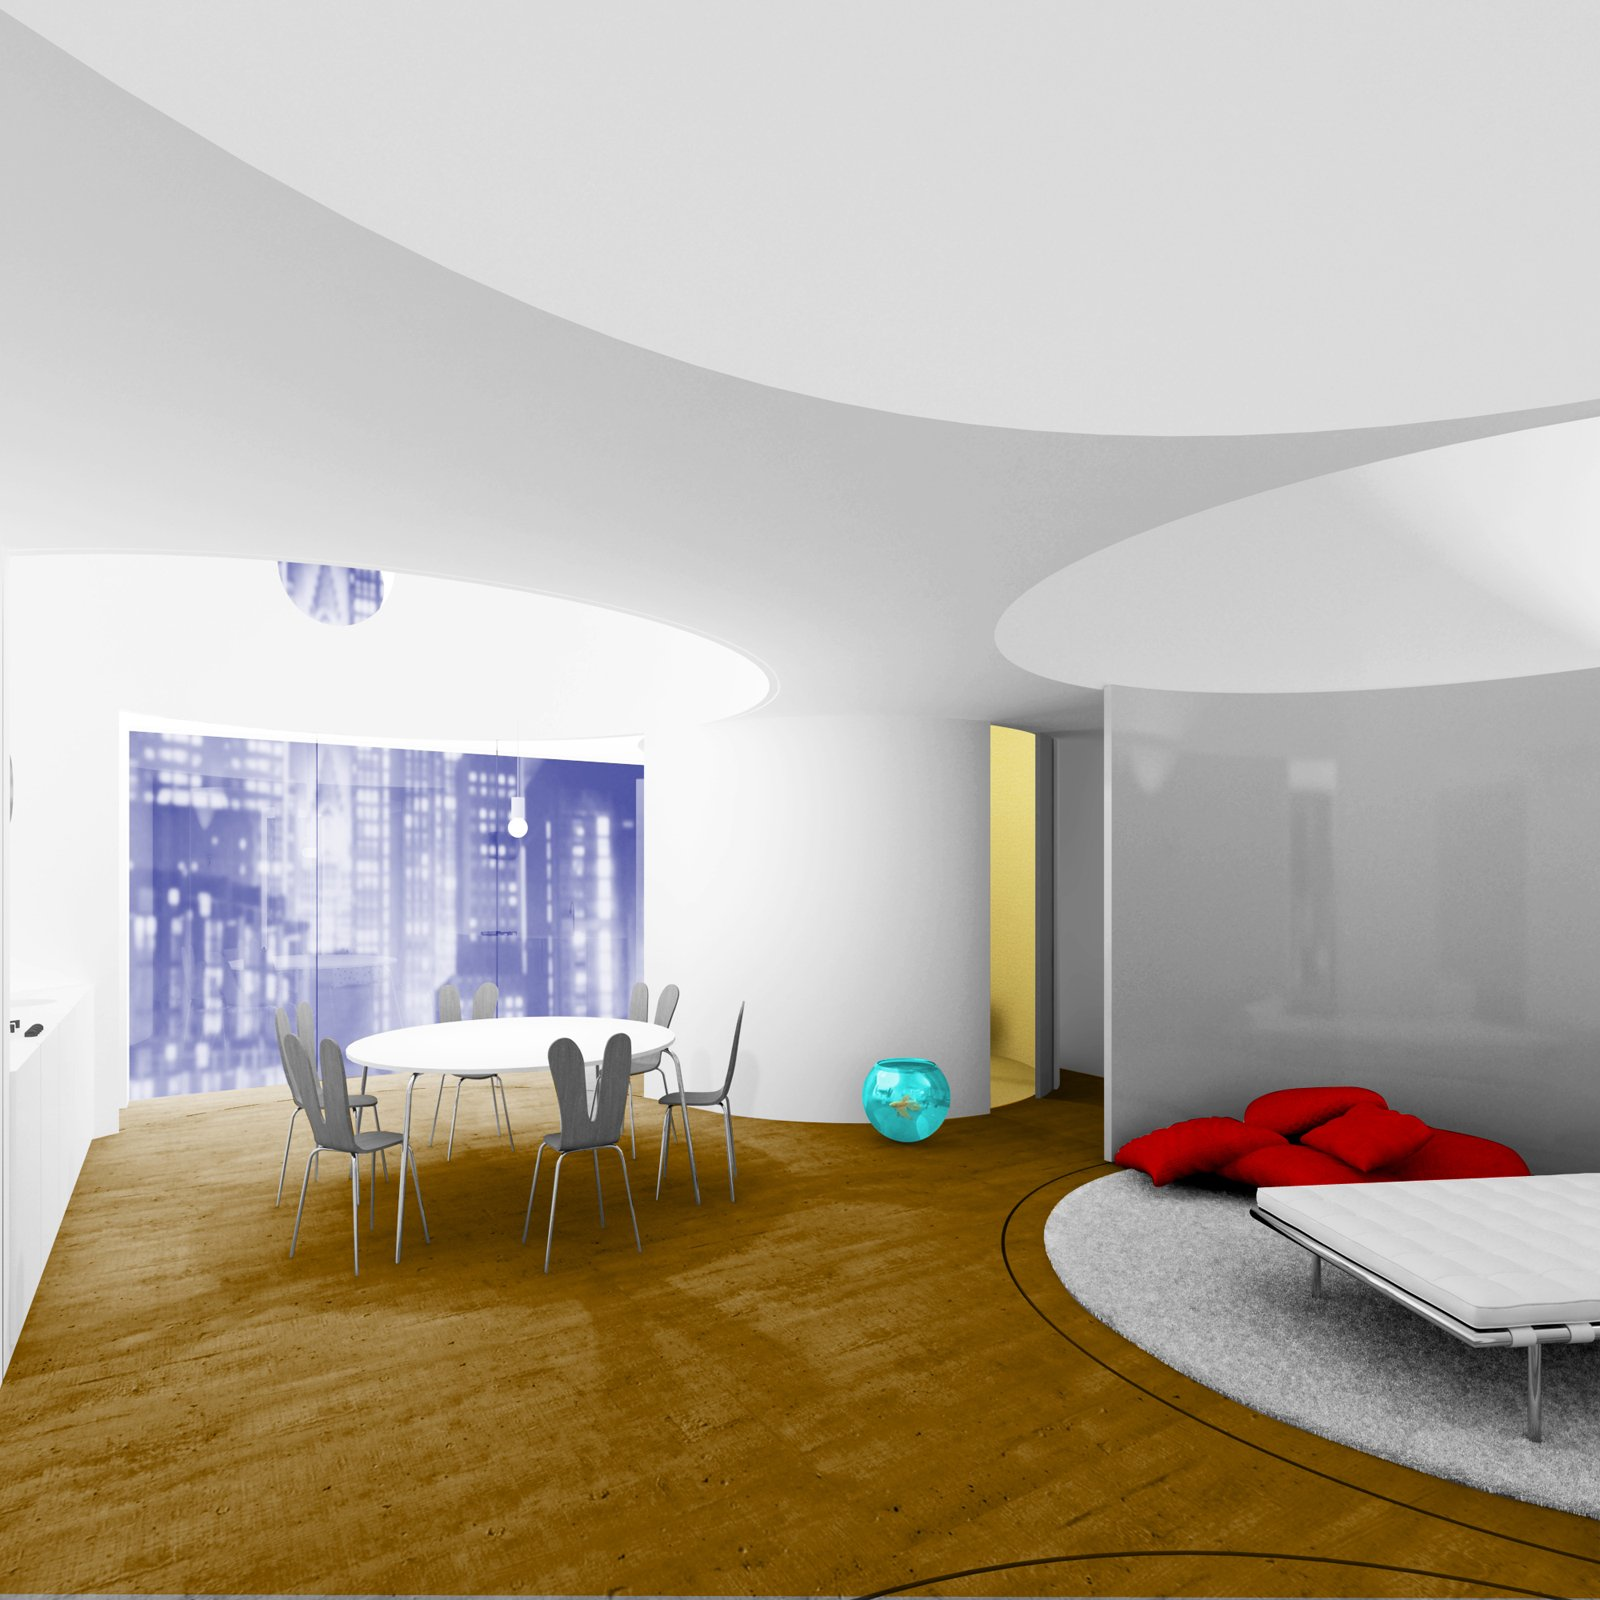 Pareti mobili per definire gli ambienti cose di casa - Pareti divisorie per casa ...